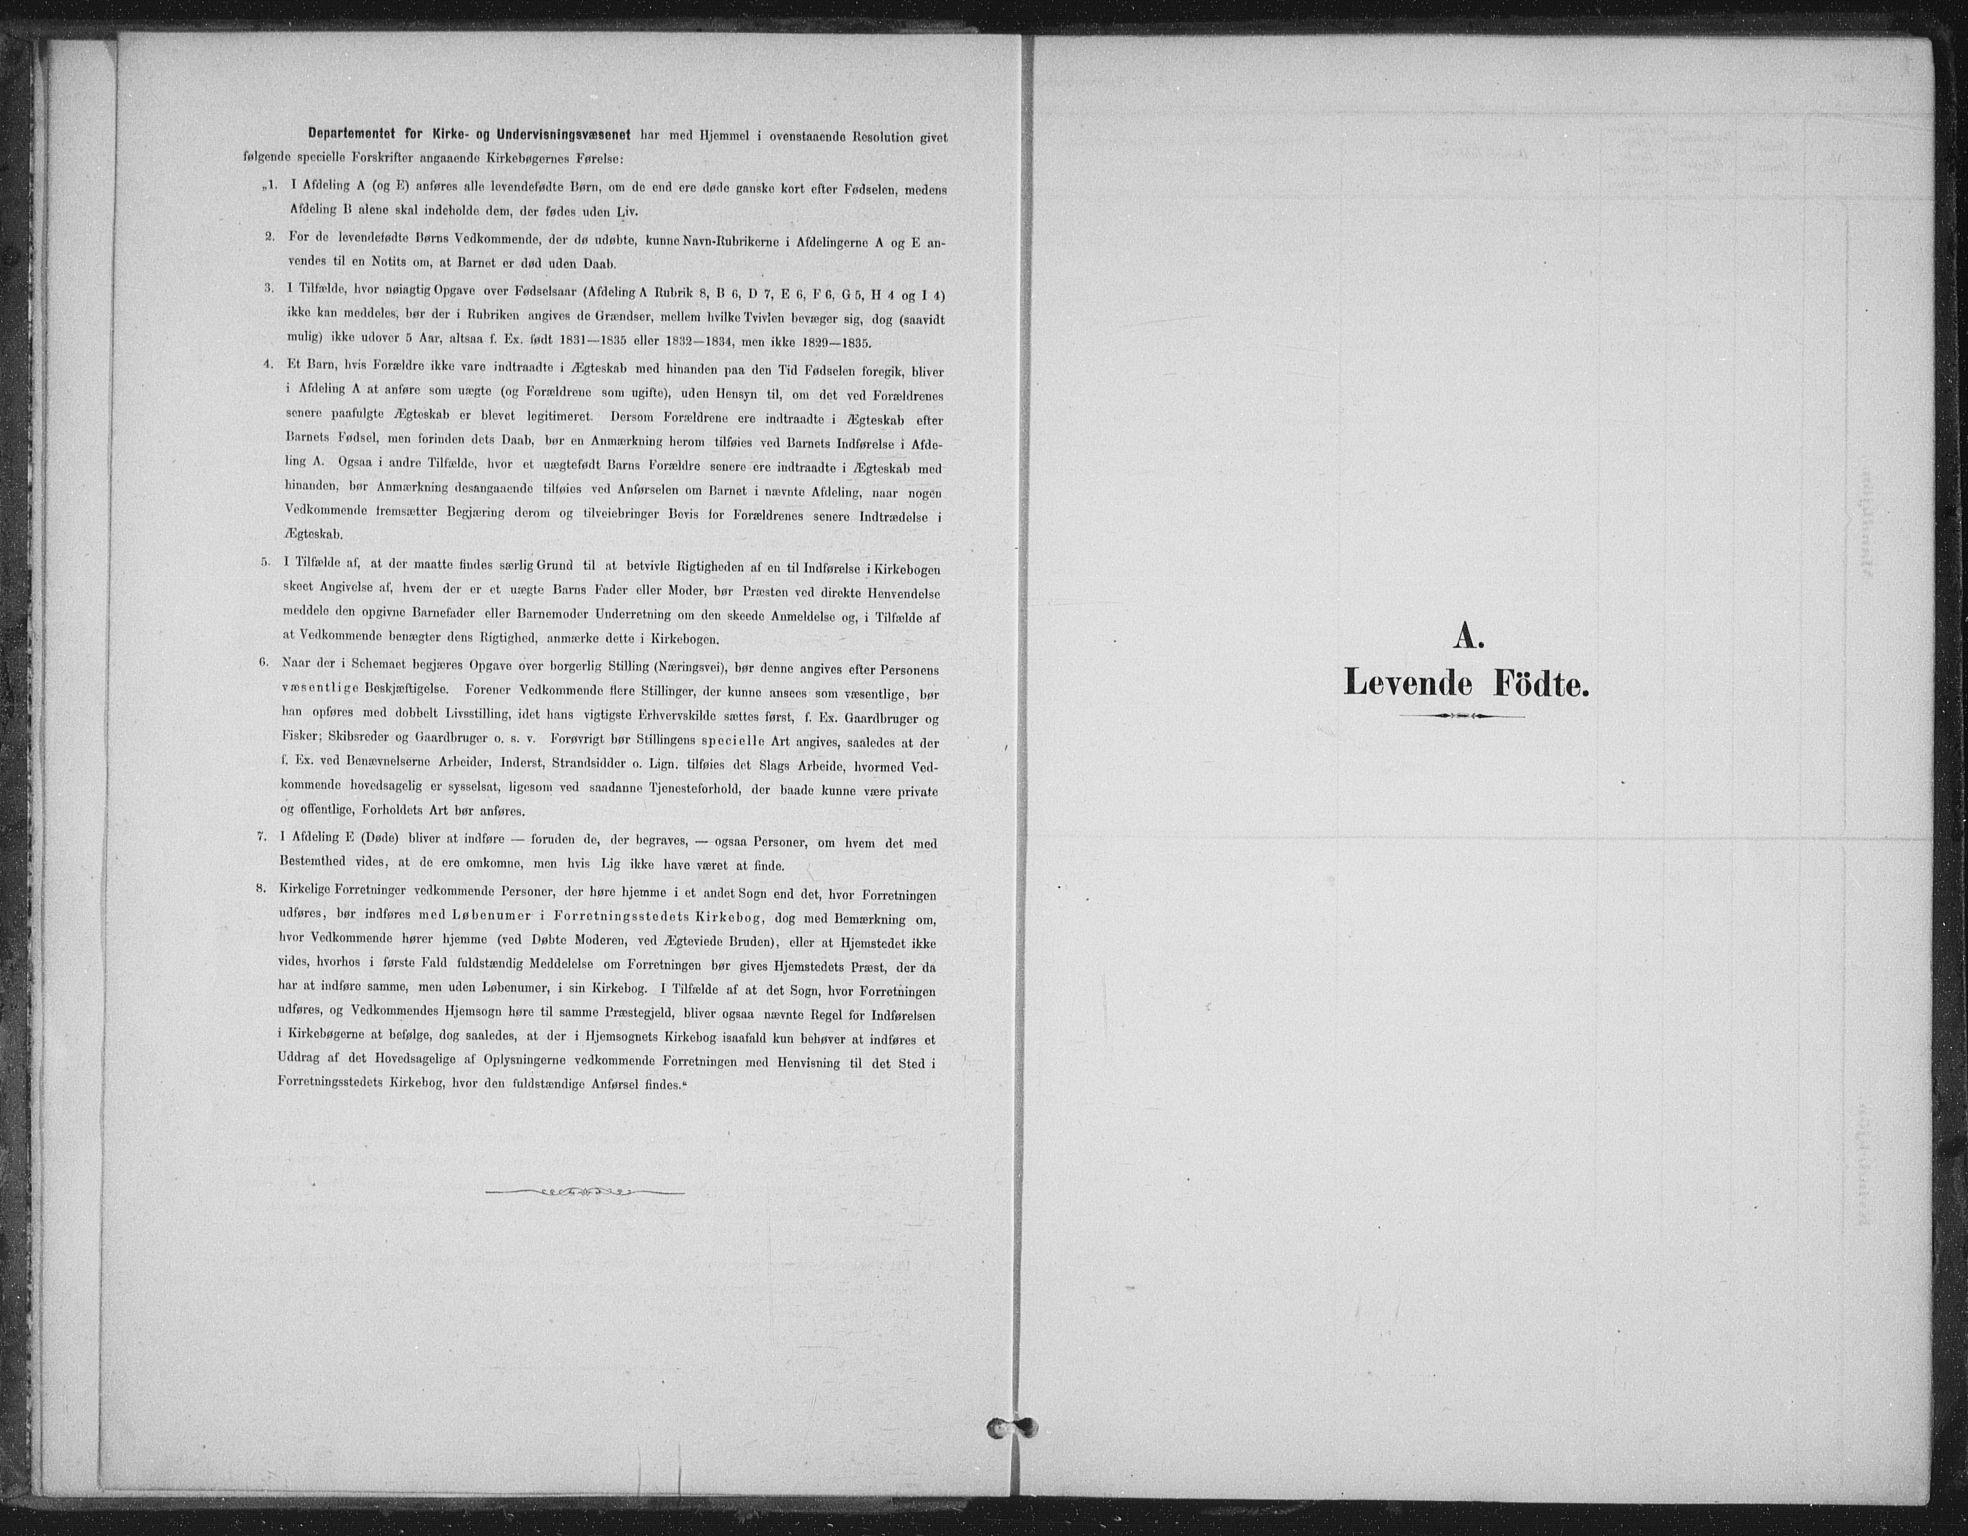 SAT, Ministerialprotokoller, klokkerbøker og fødselsregistre - Nord-Trøndelag, 702/L0023: Ministerialbok nr. 702A01, 1883-1897